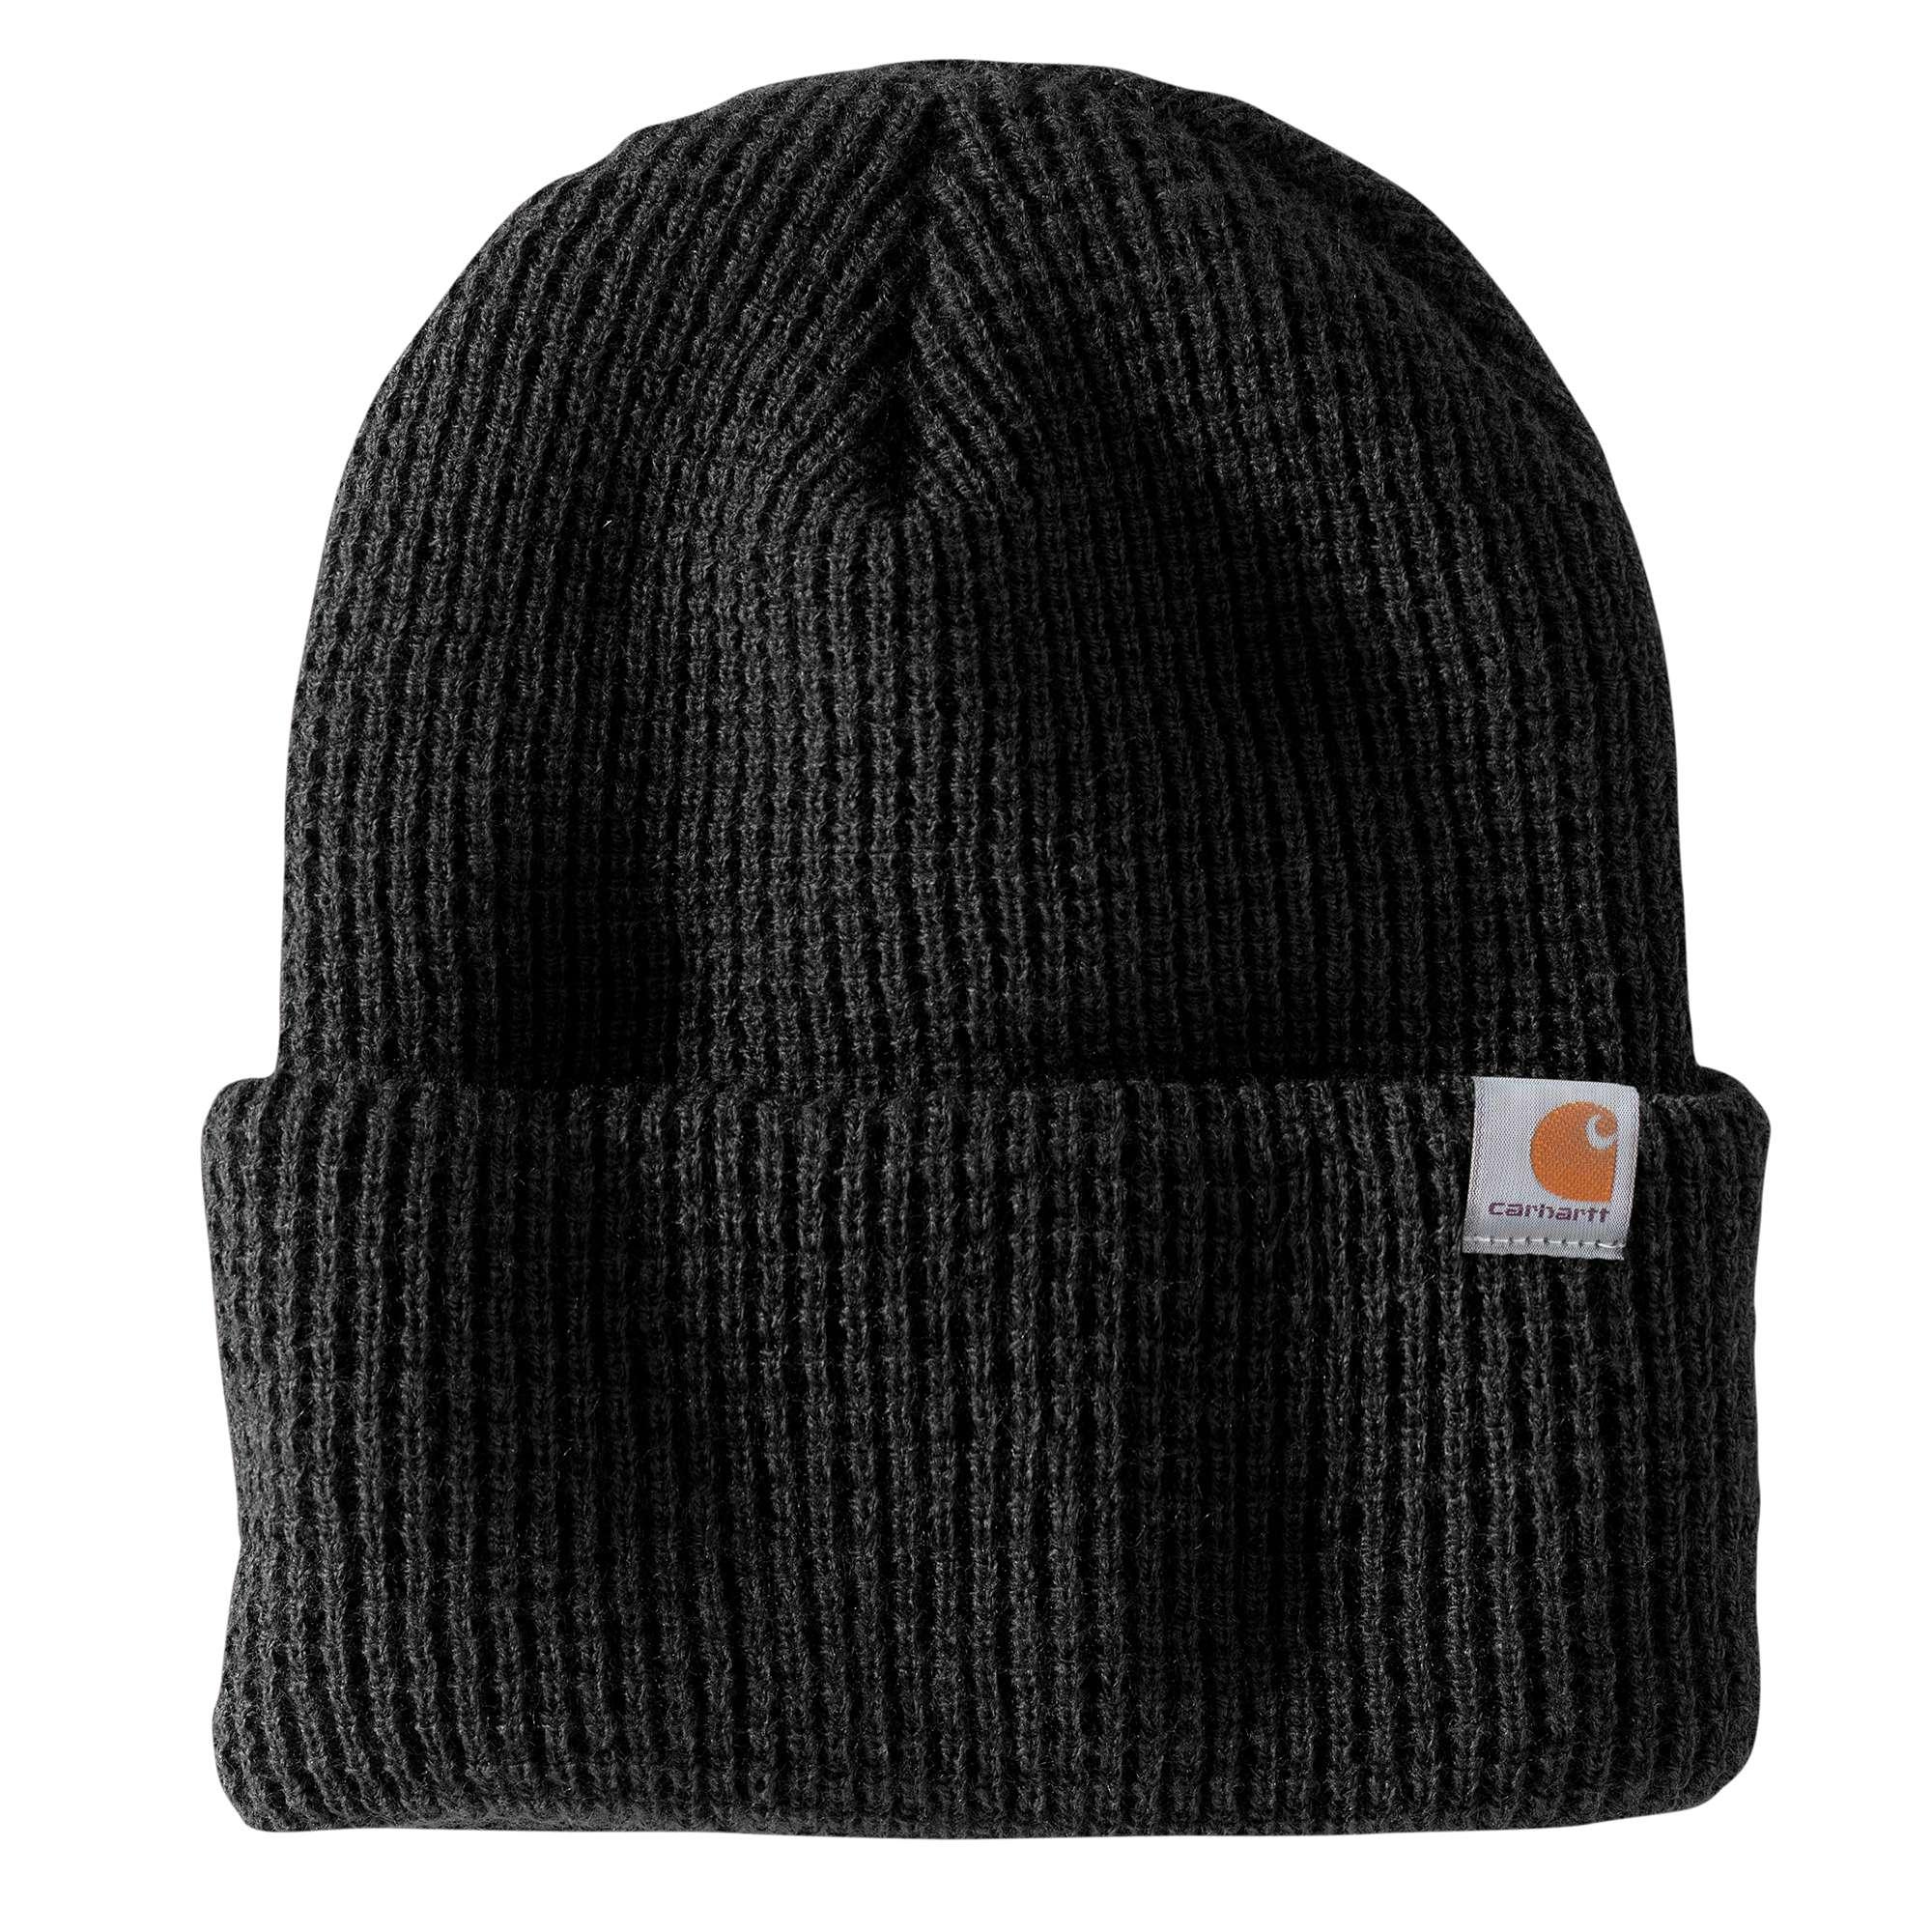 Carhartt Woodside Hat